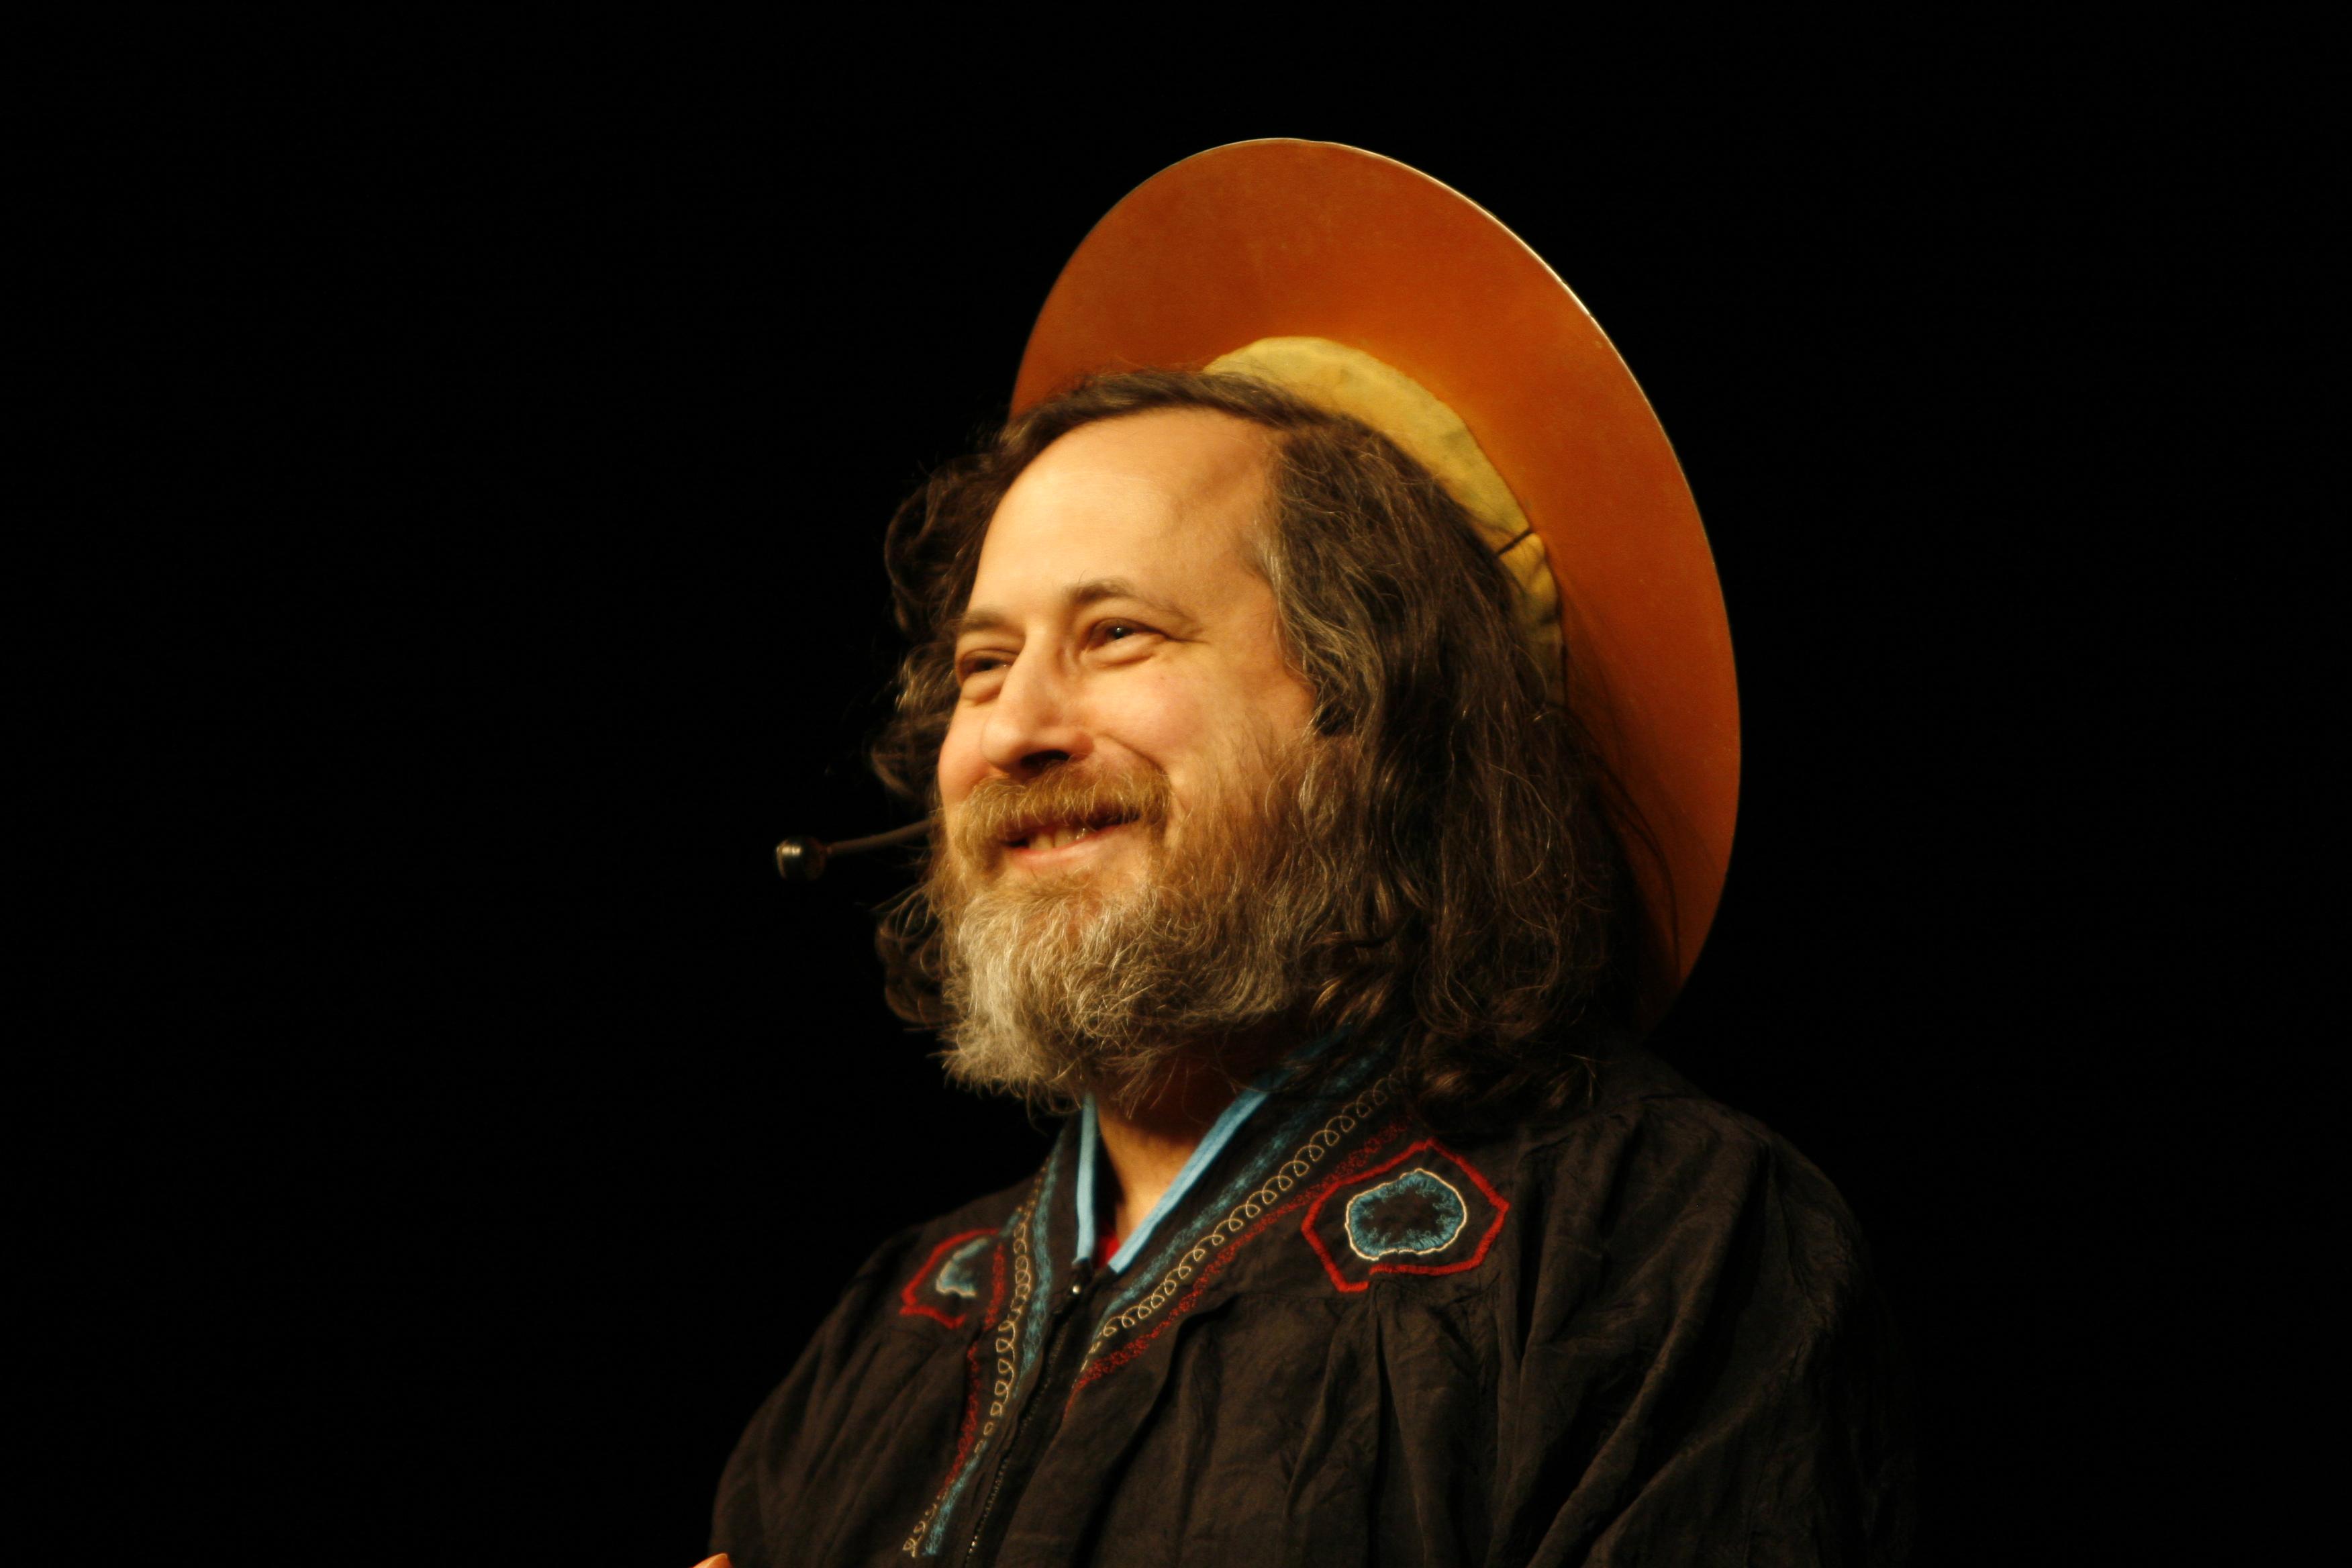 Desde mediados de los 90, Stallman ha pasado la mayoría de su tiempo luchando por la libertad de los usuarios.